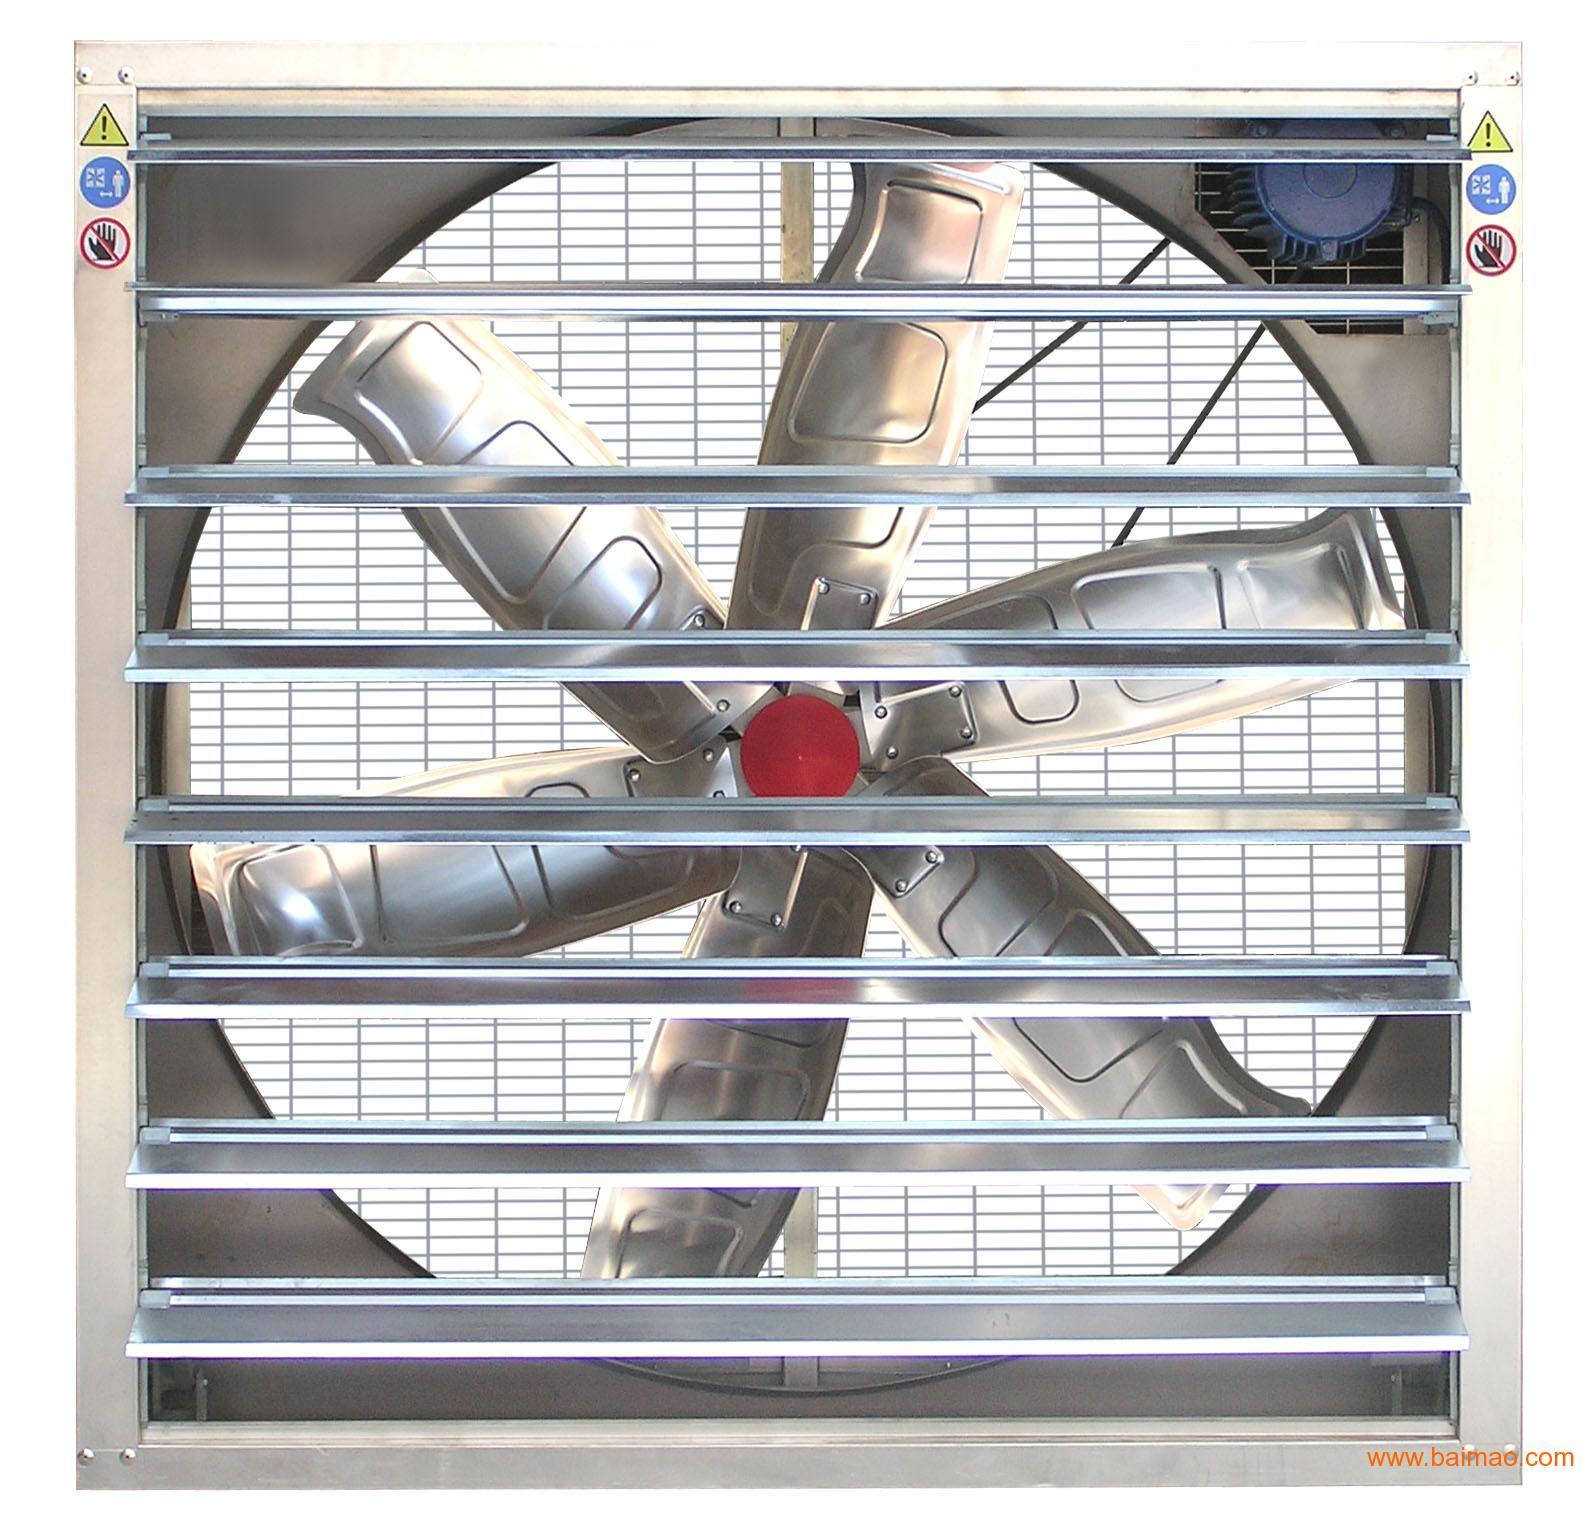 宝安环保降温空调 布吉水帘节能空调价格 - 中国供应商